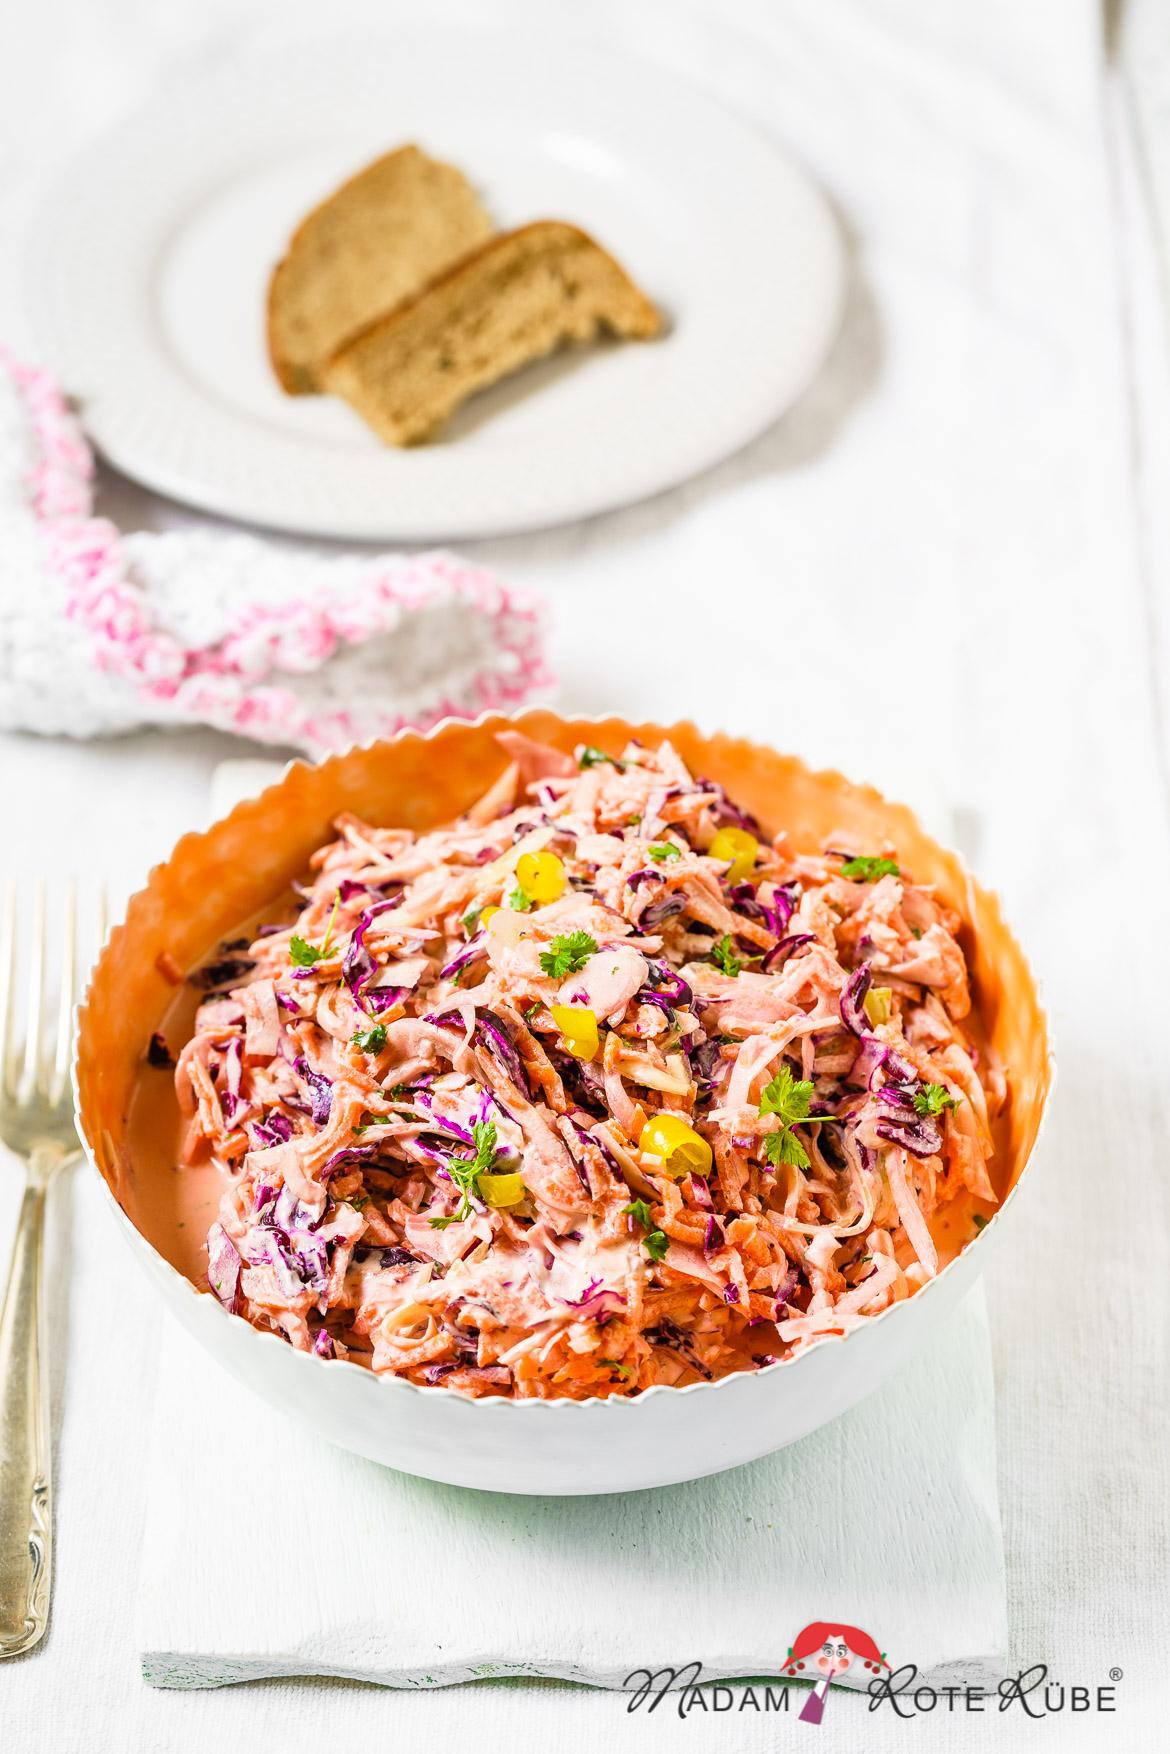 Madam Rote Rübe - Cremig-würziger Krautsalat mit Möhren